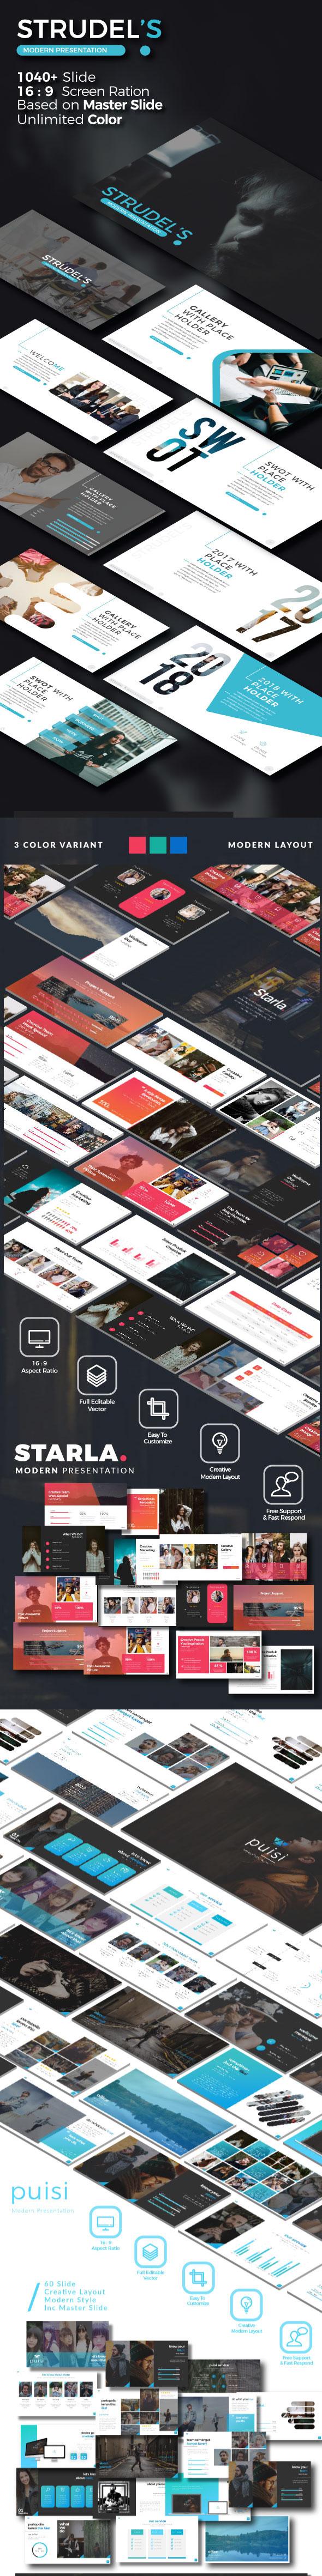 Bundle Business 3 in 1 Google Slide Template - Google Slides Presentation Templates